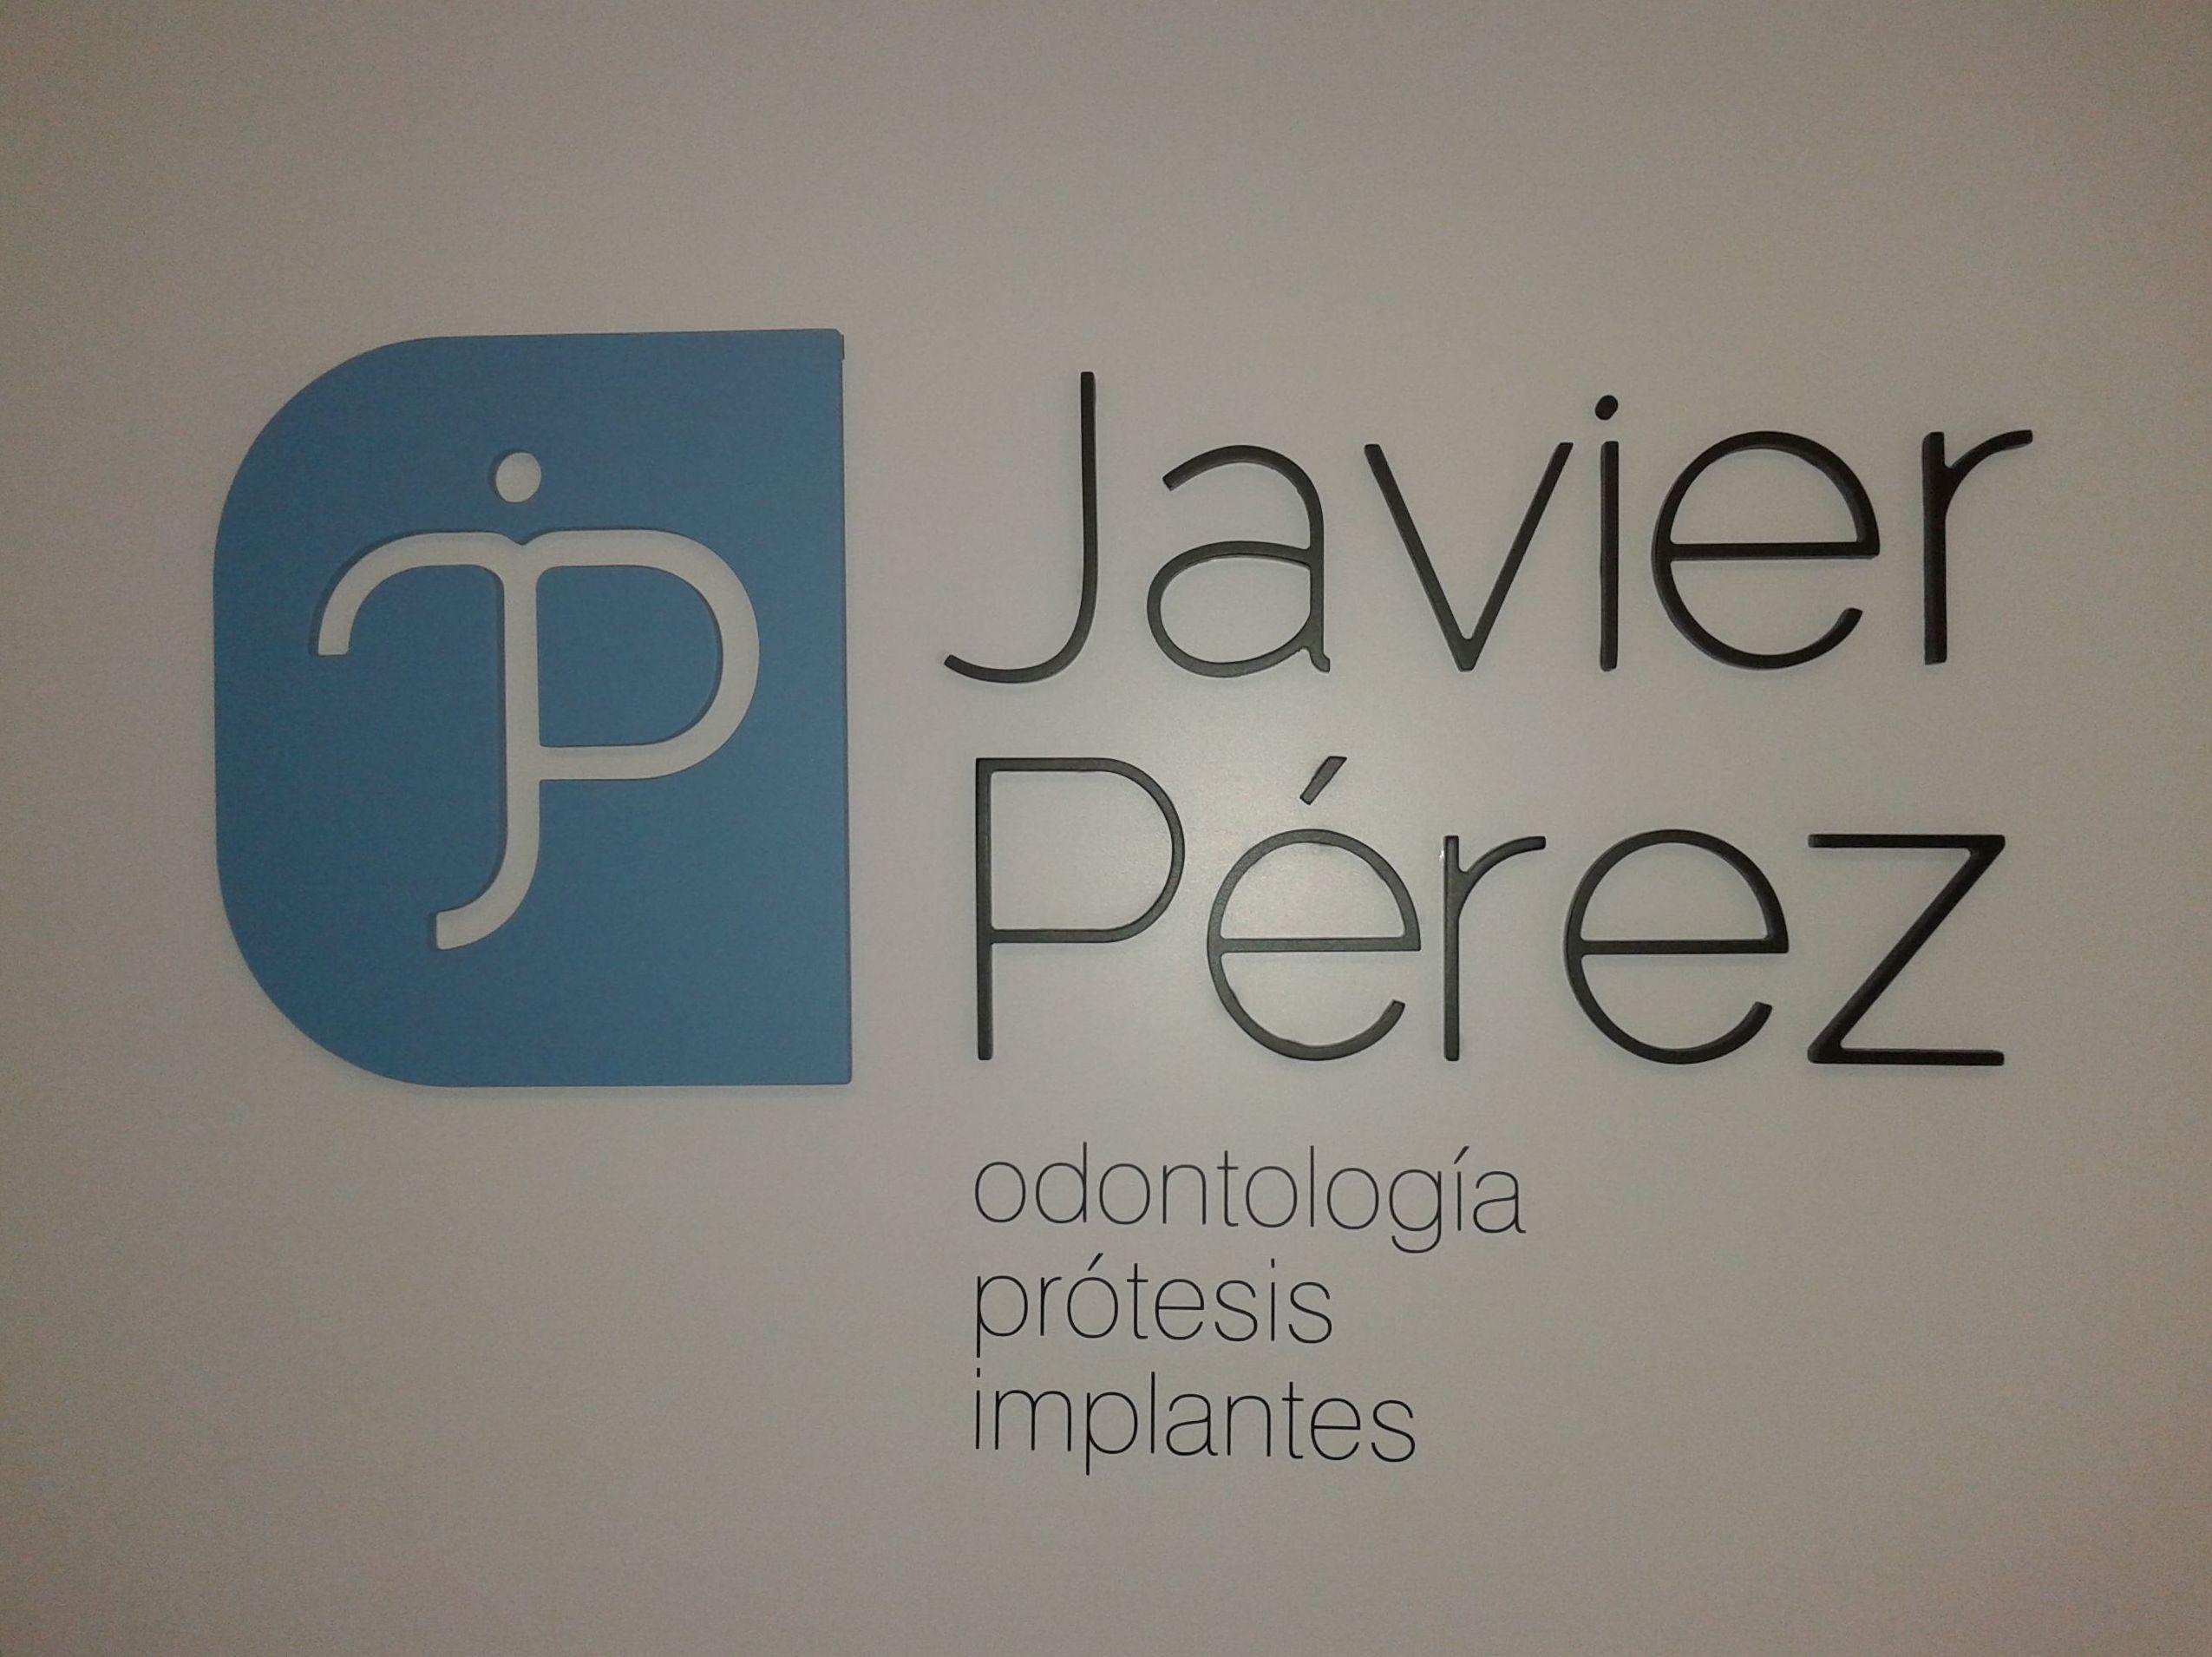 Cadiz Javier Perez dentista logo relieve mostrador